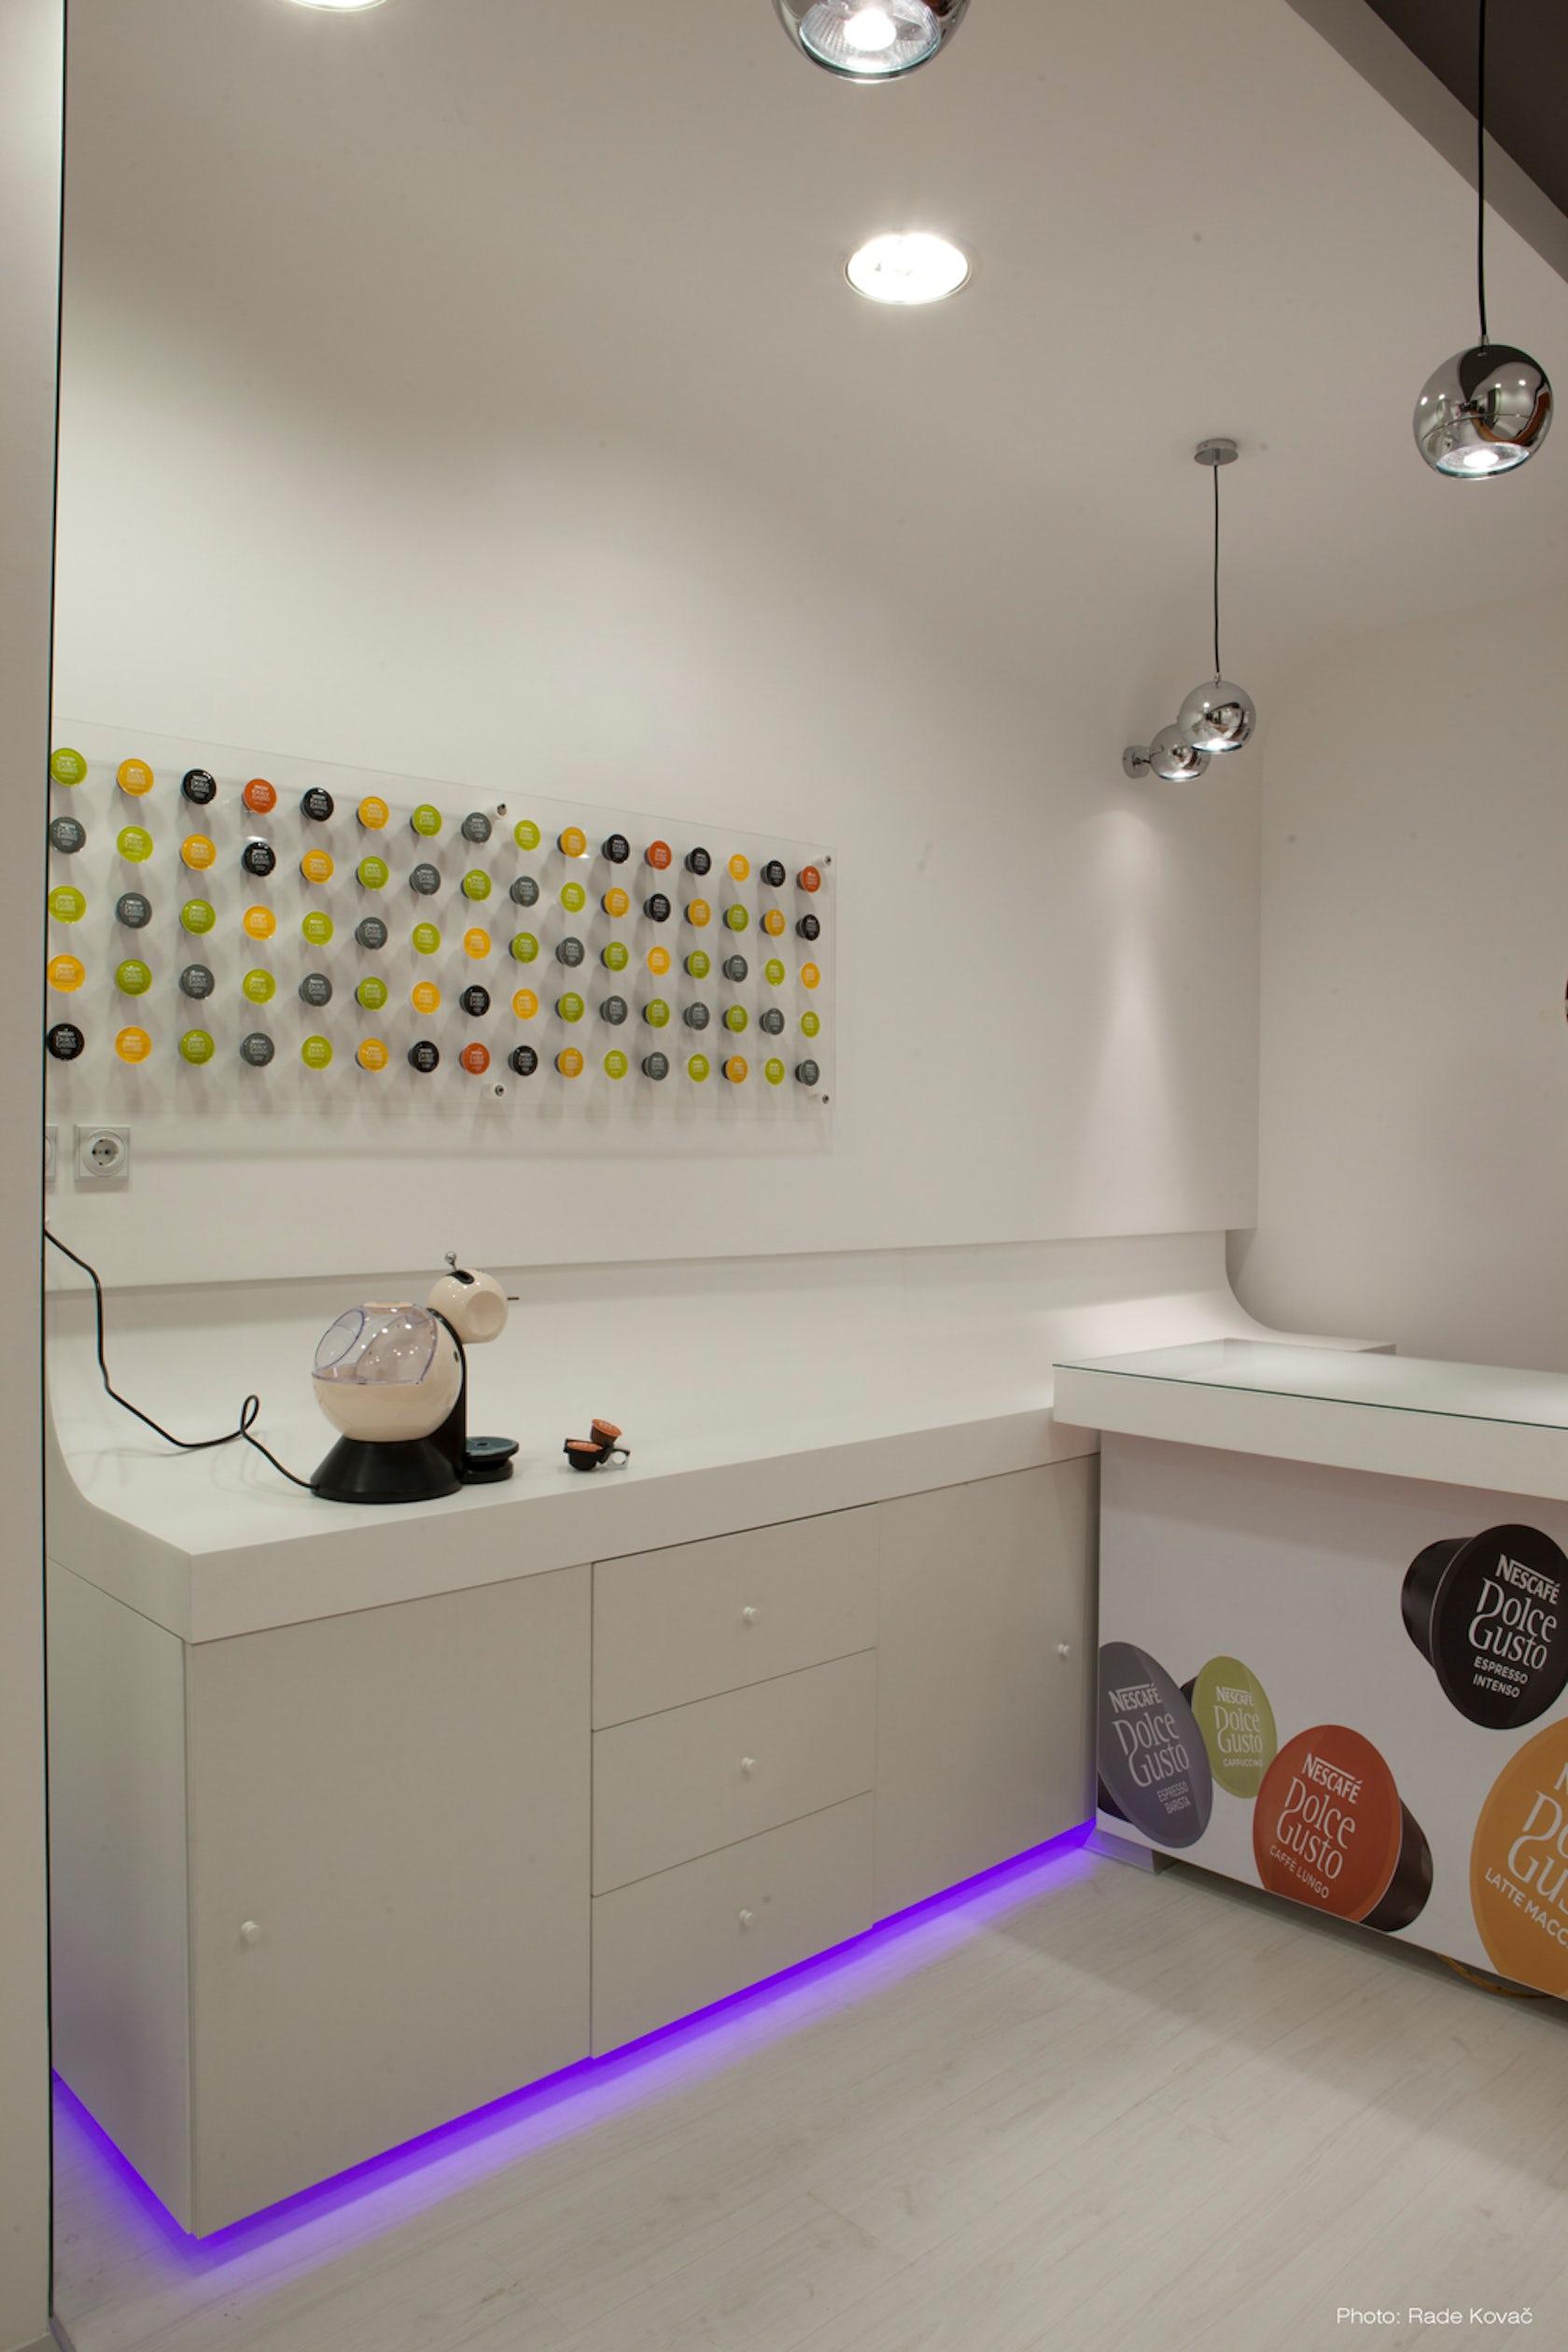 nescafe dolce gusto shop belgrade architizer. Black Bedroom Furniture Sets. Home Design Ideas